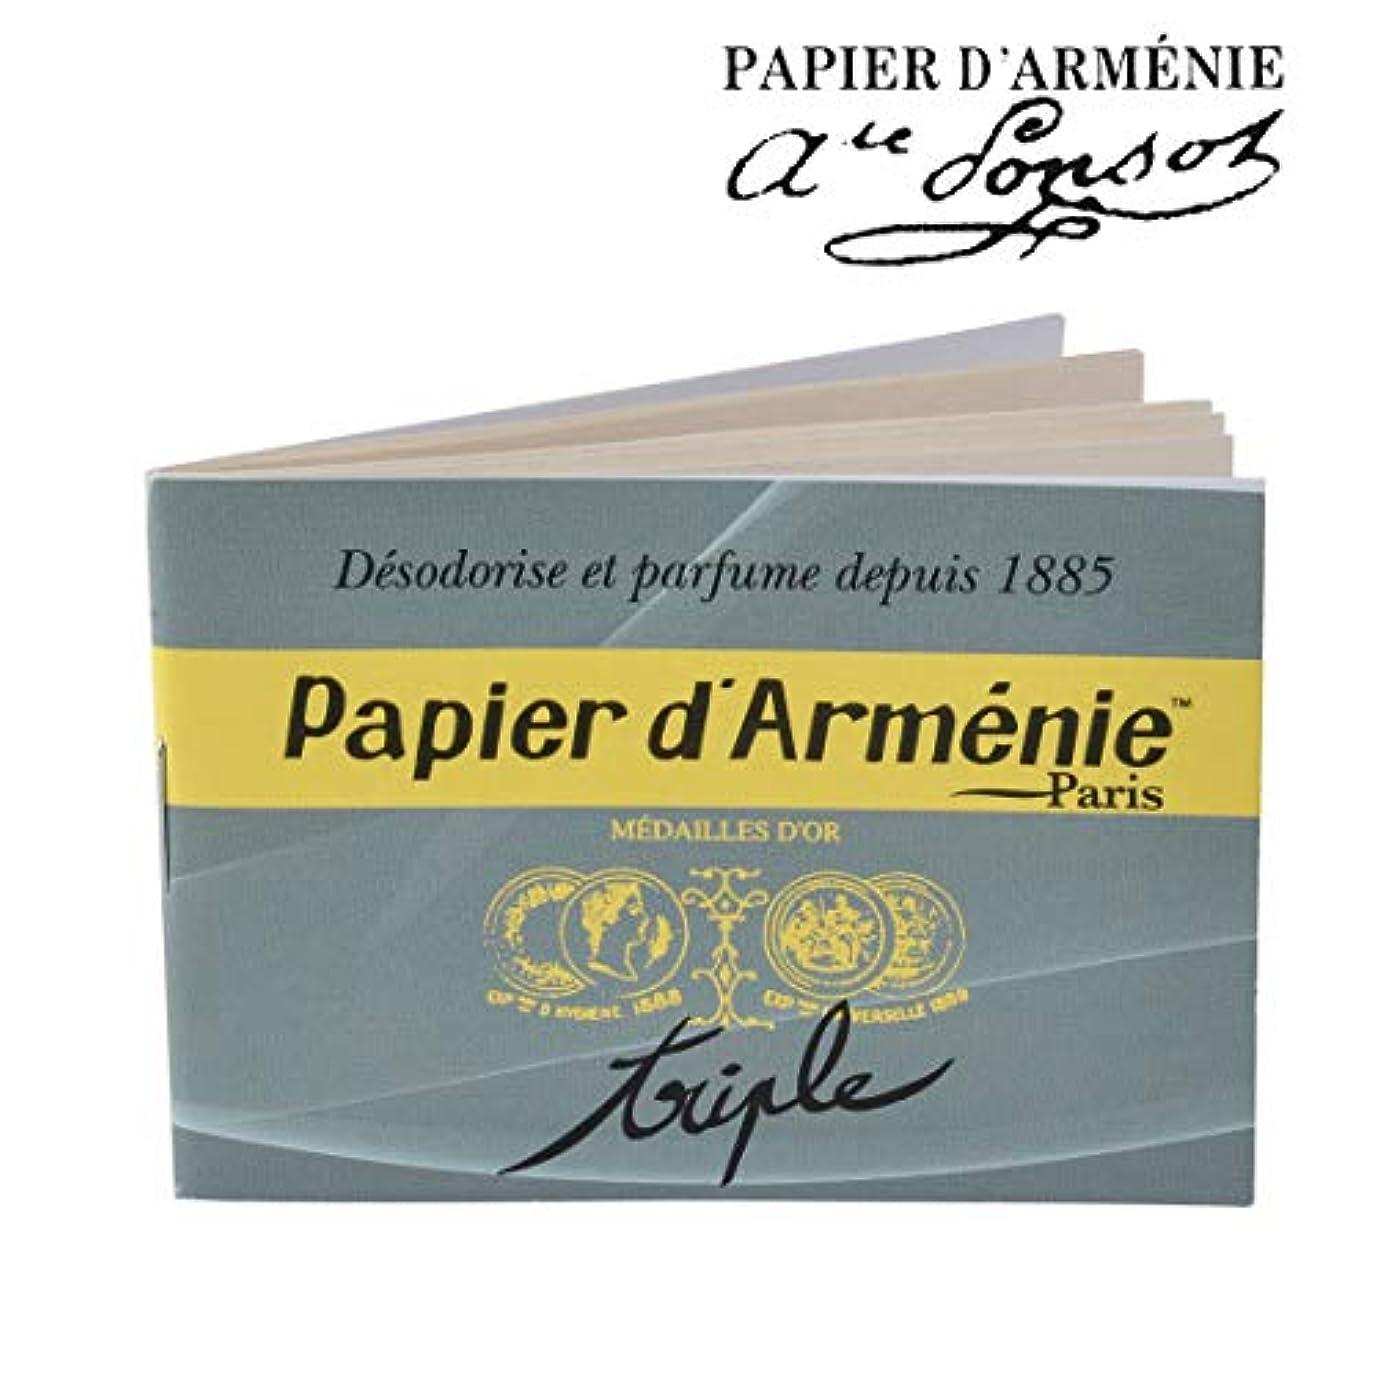 自慢インデックス燃やすpapier d armenie パピエダルメニイ トリプル